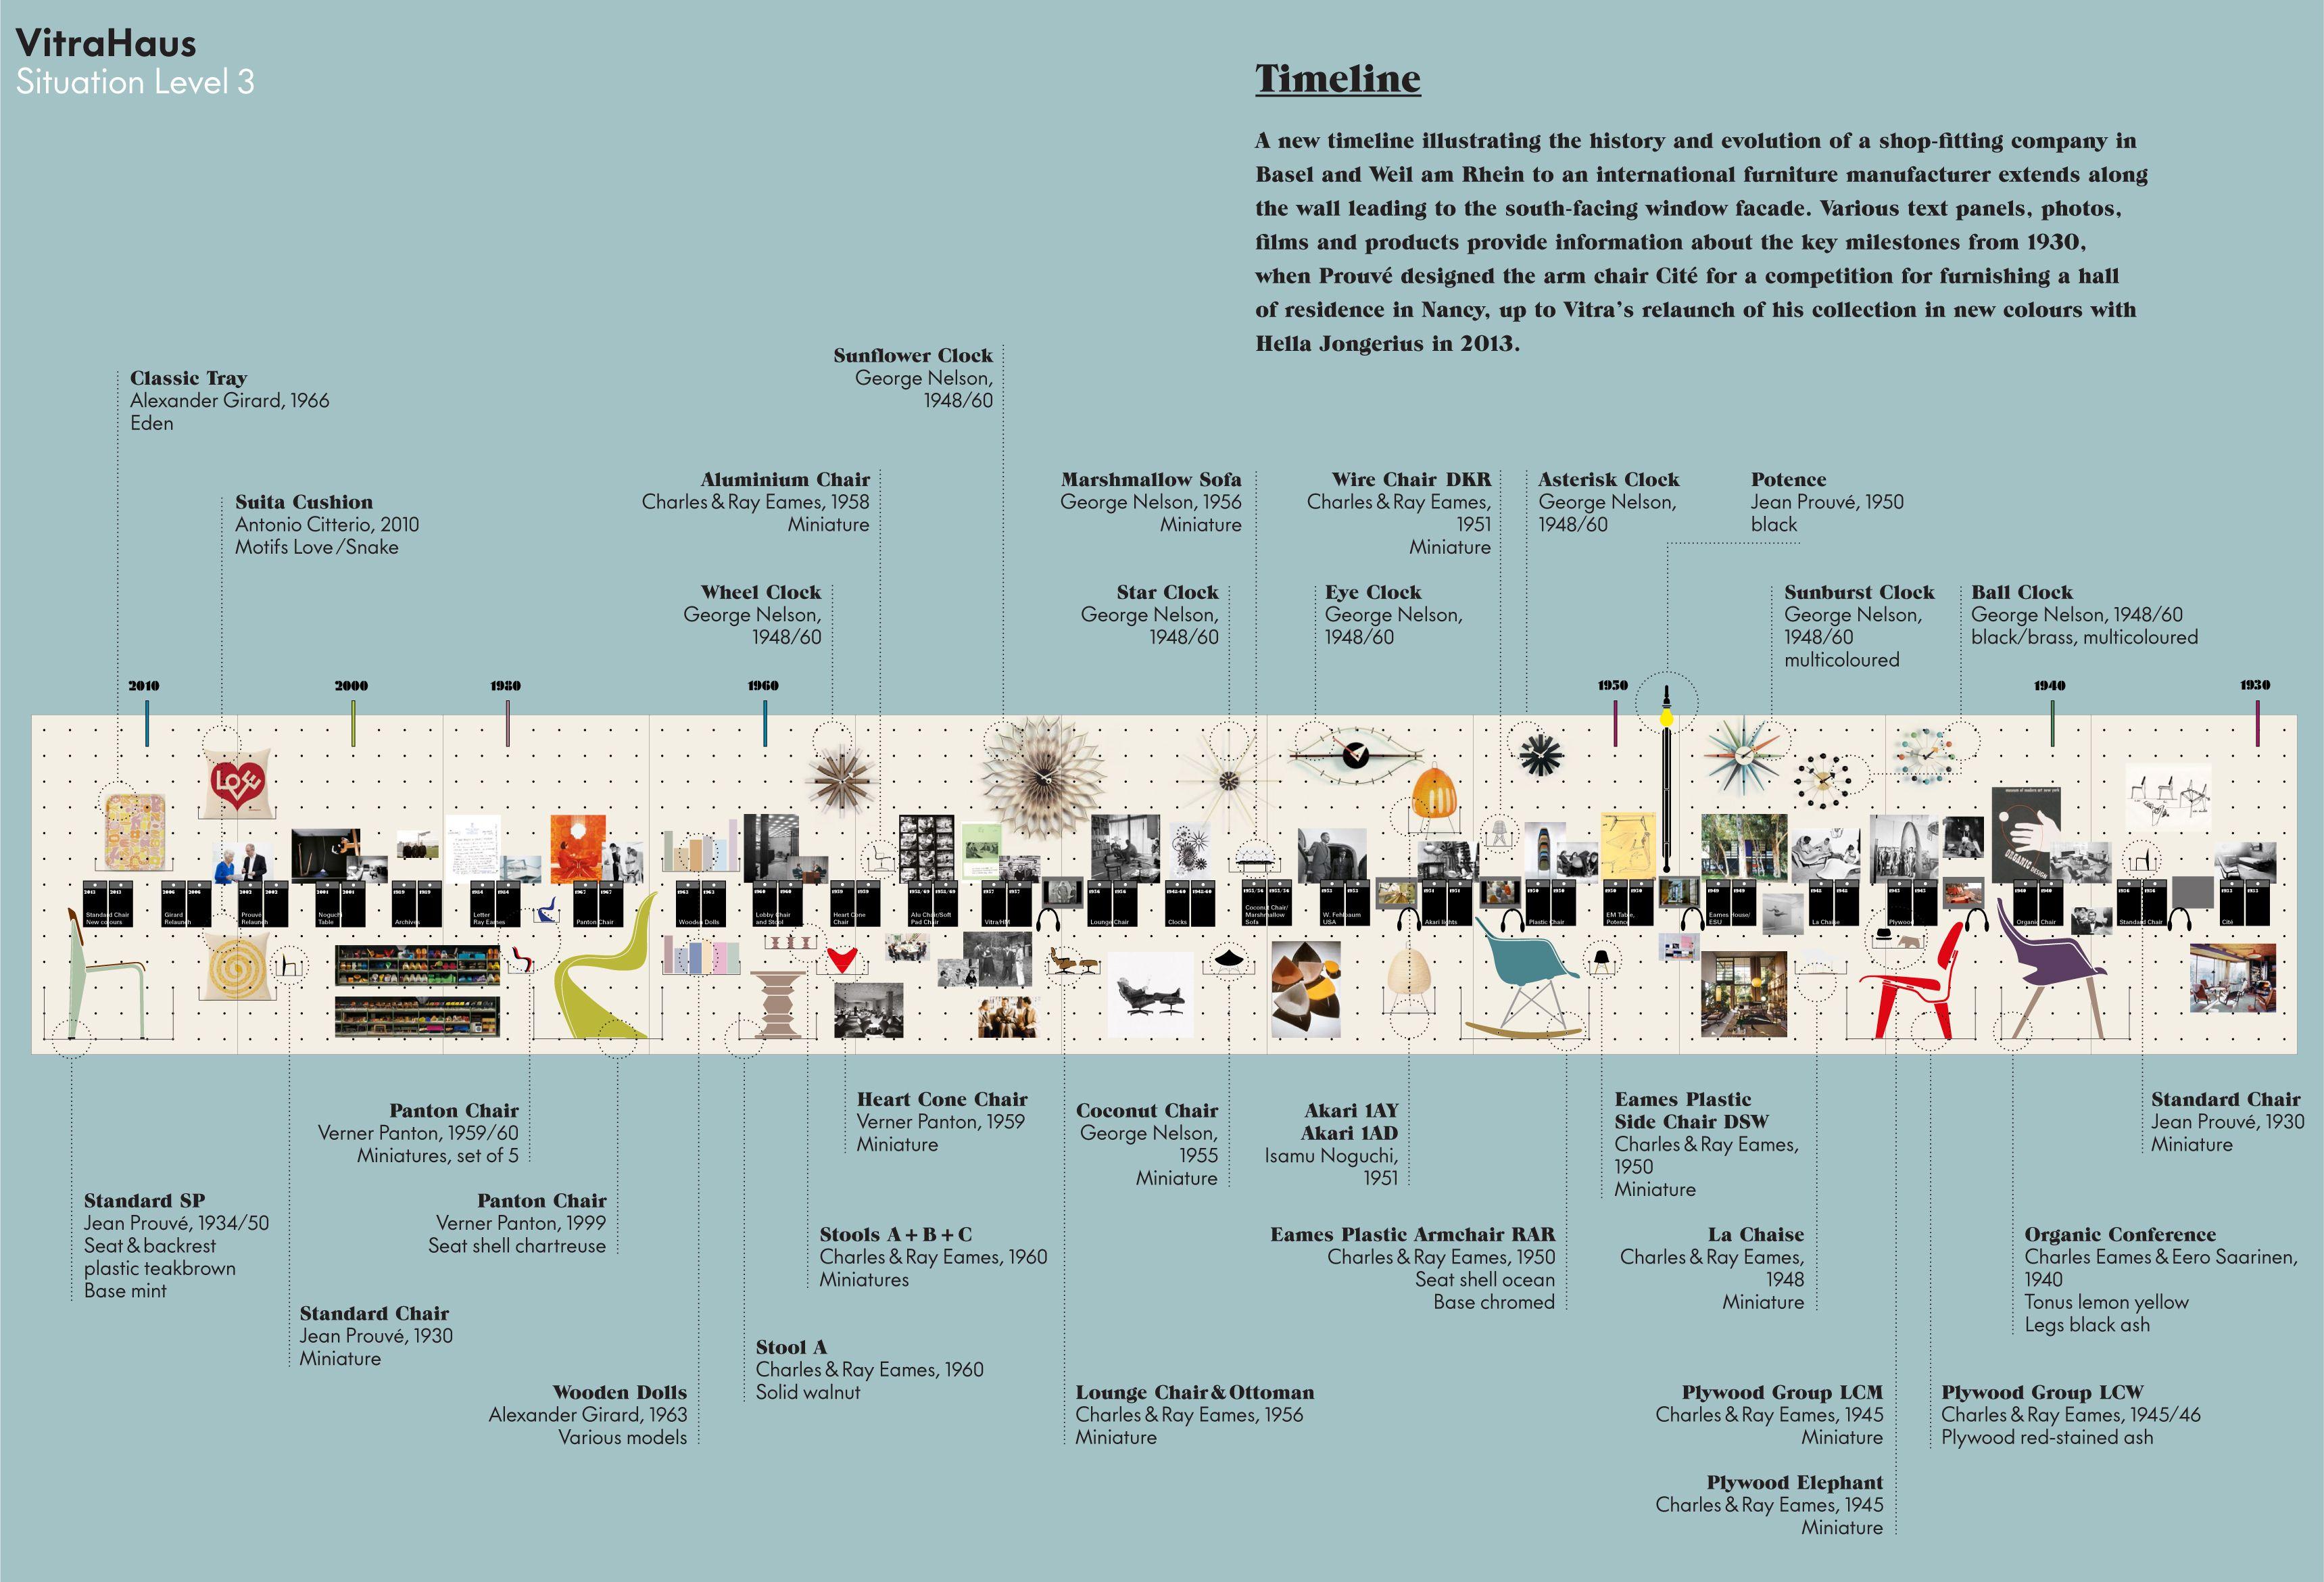 Furniture Design History Timeline time line eames - buscar con google | timeline | pinterest | info